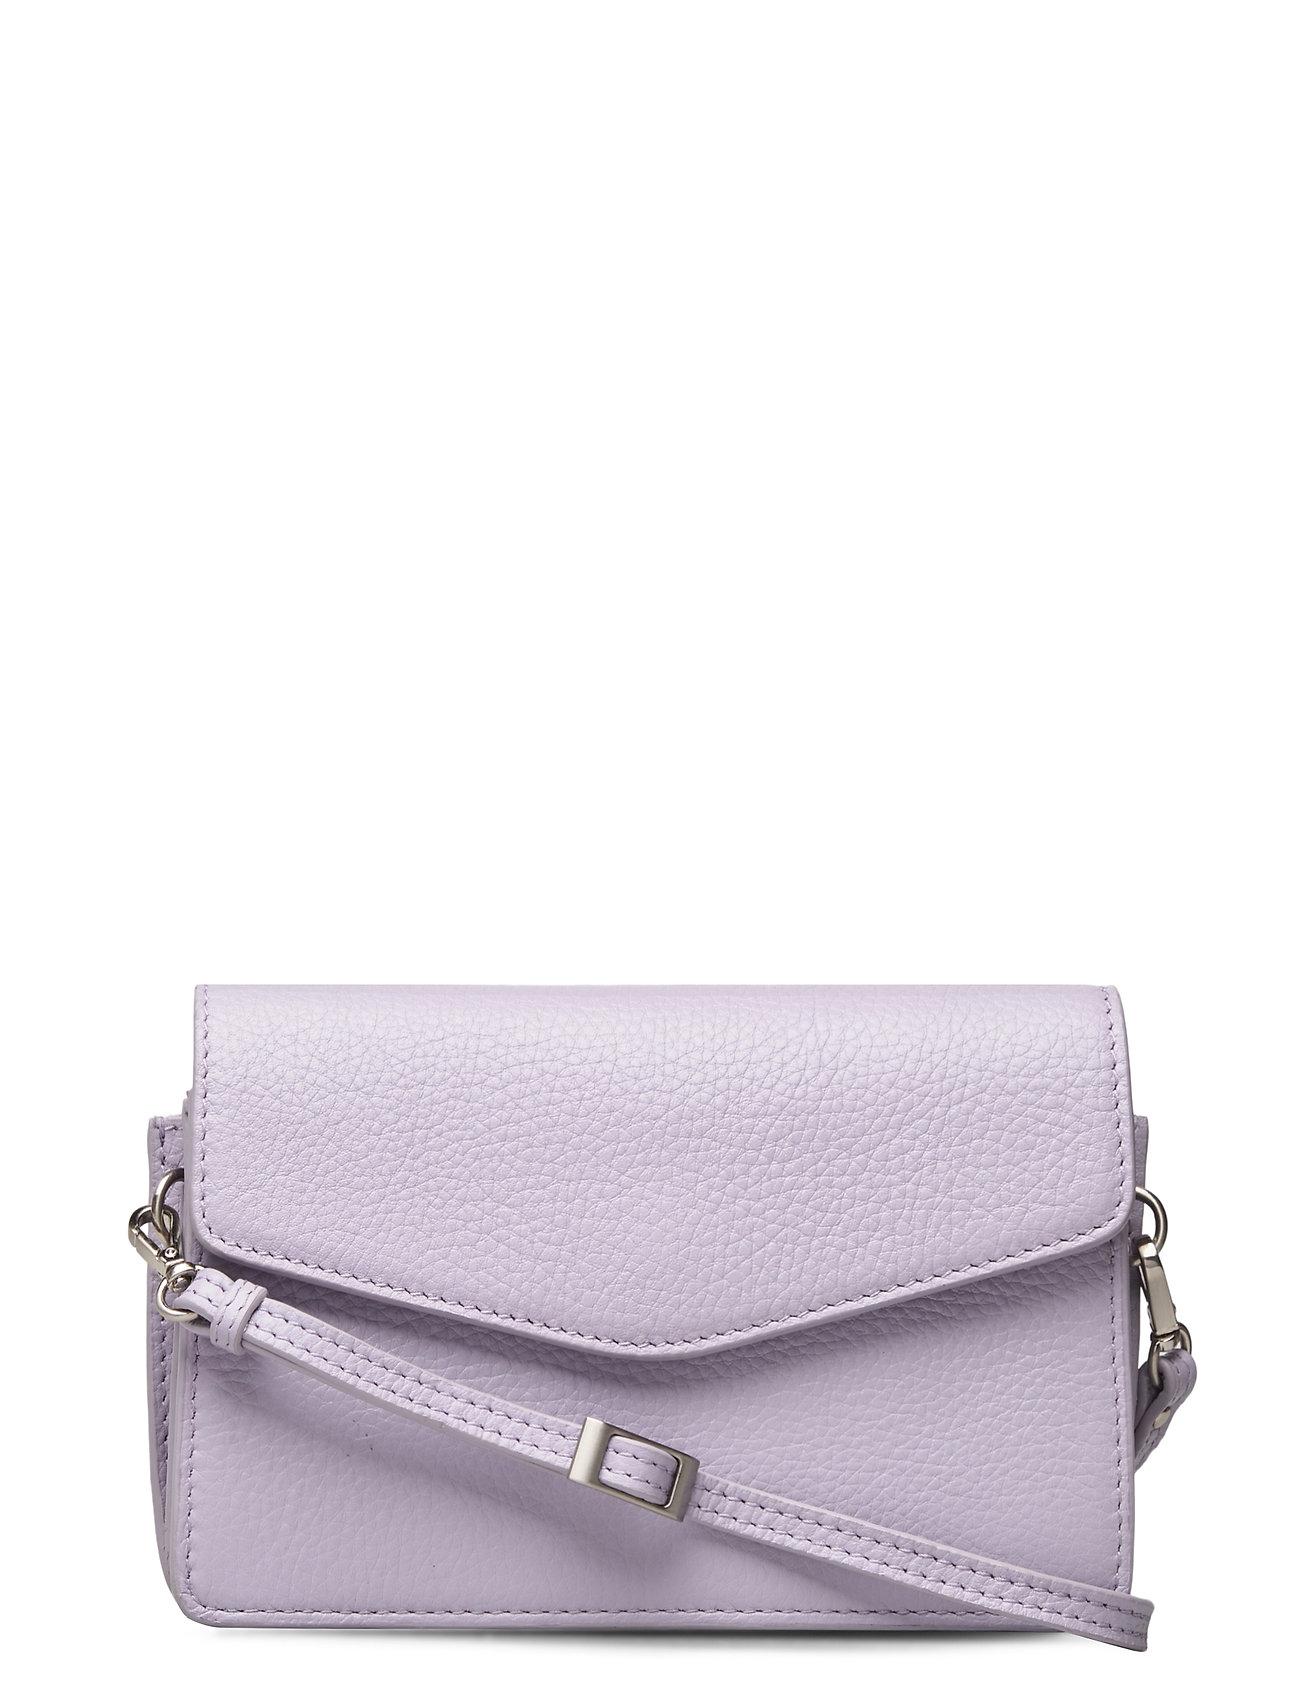 Cormorano Shoulder Bag Julia Bags Small Shoulder Bags - Crossbody Bags Liila Adax